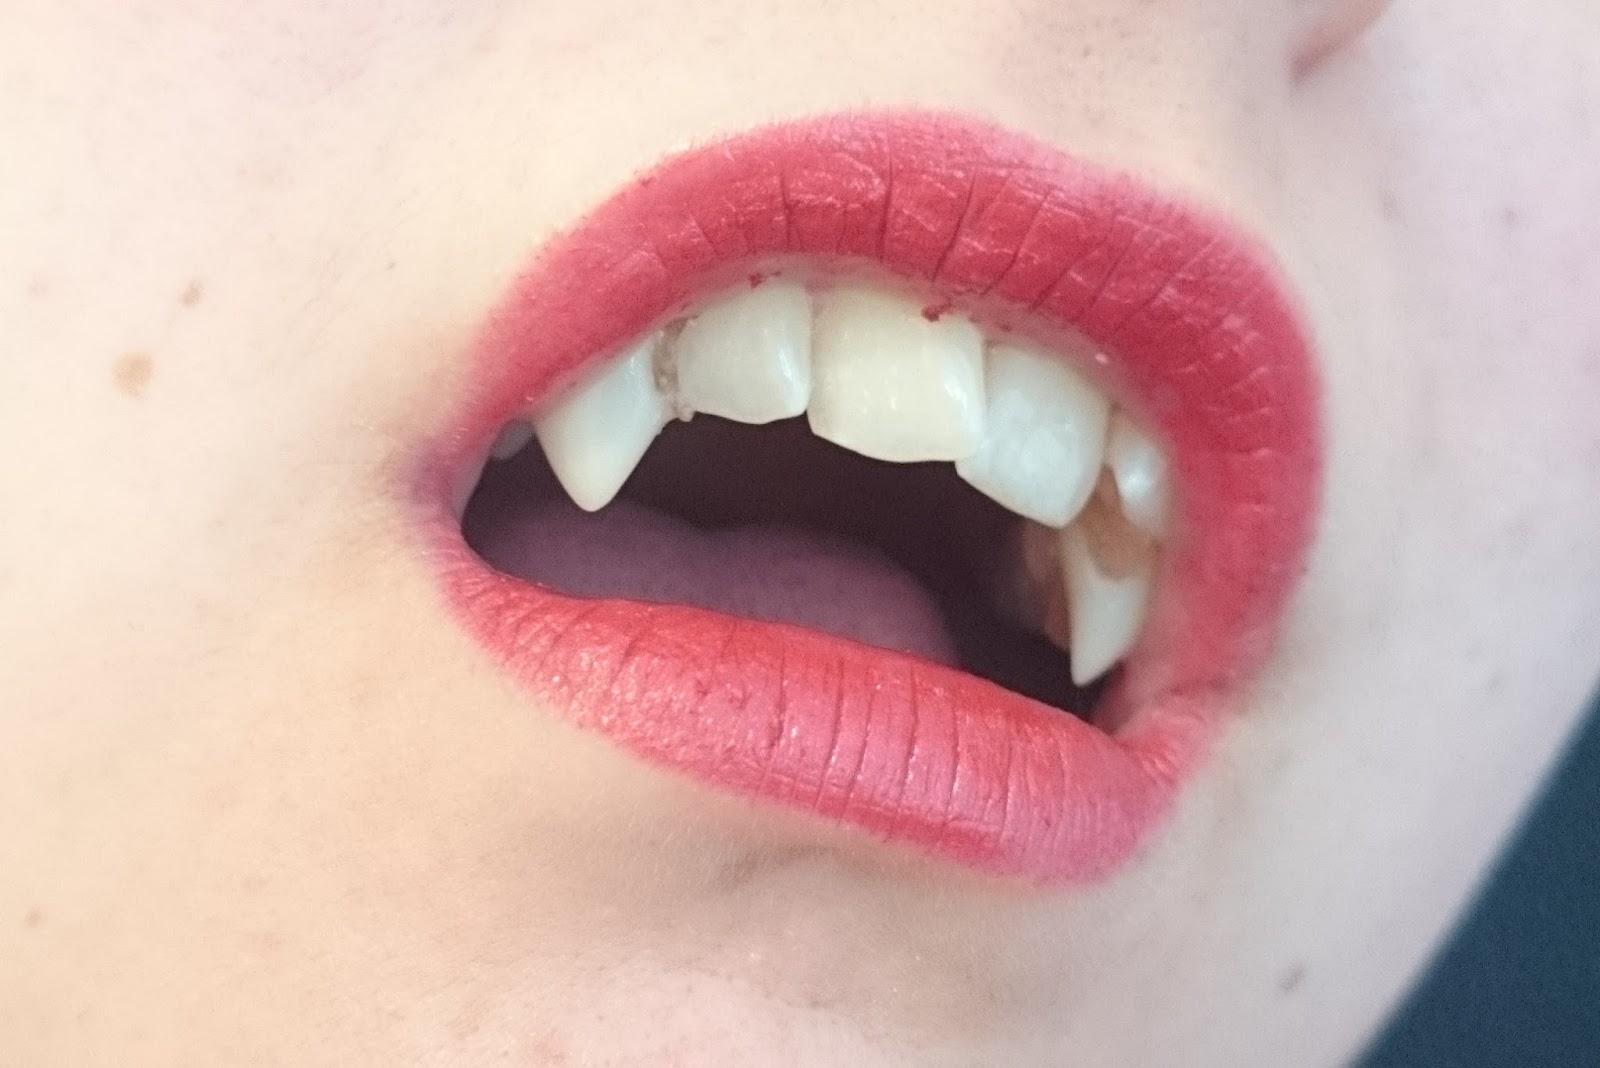 Mac Frost Lipstick Viva Glam Rihanna Tragebild Vampir